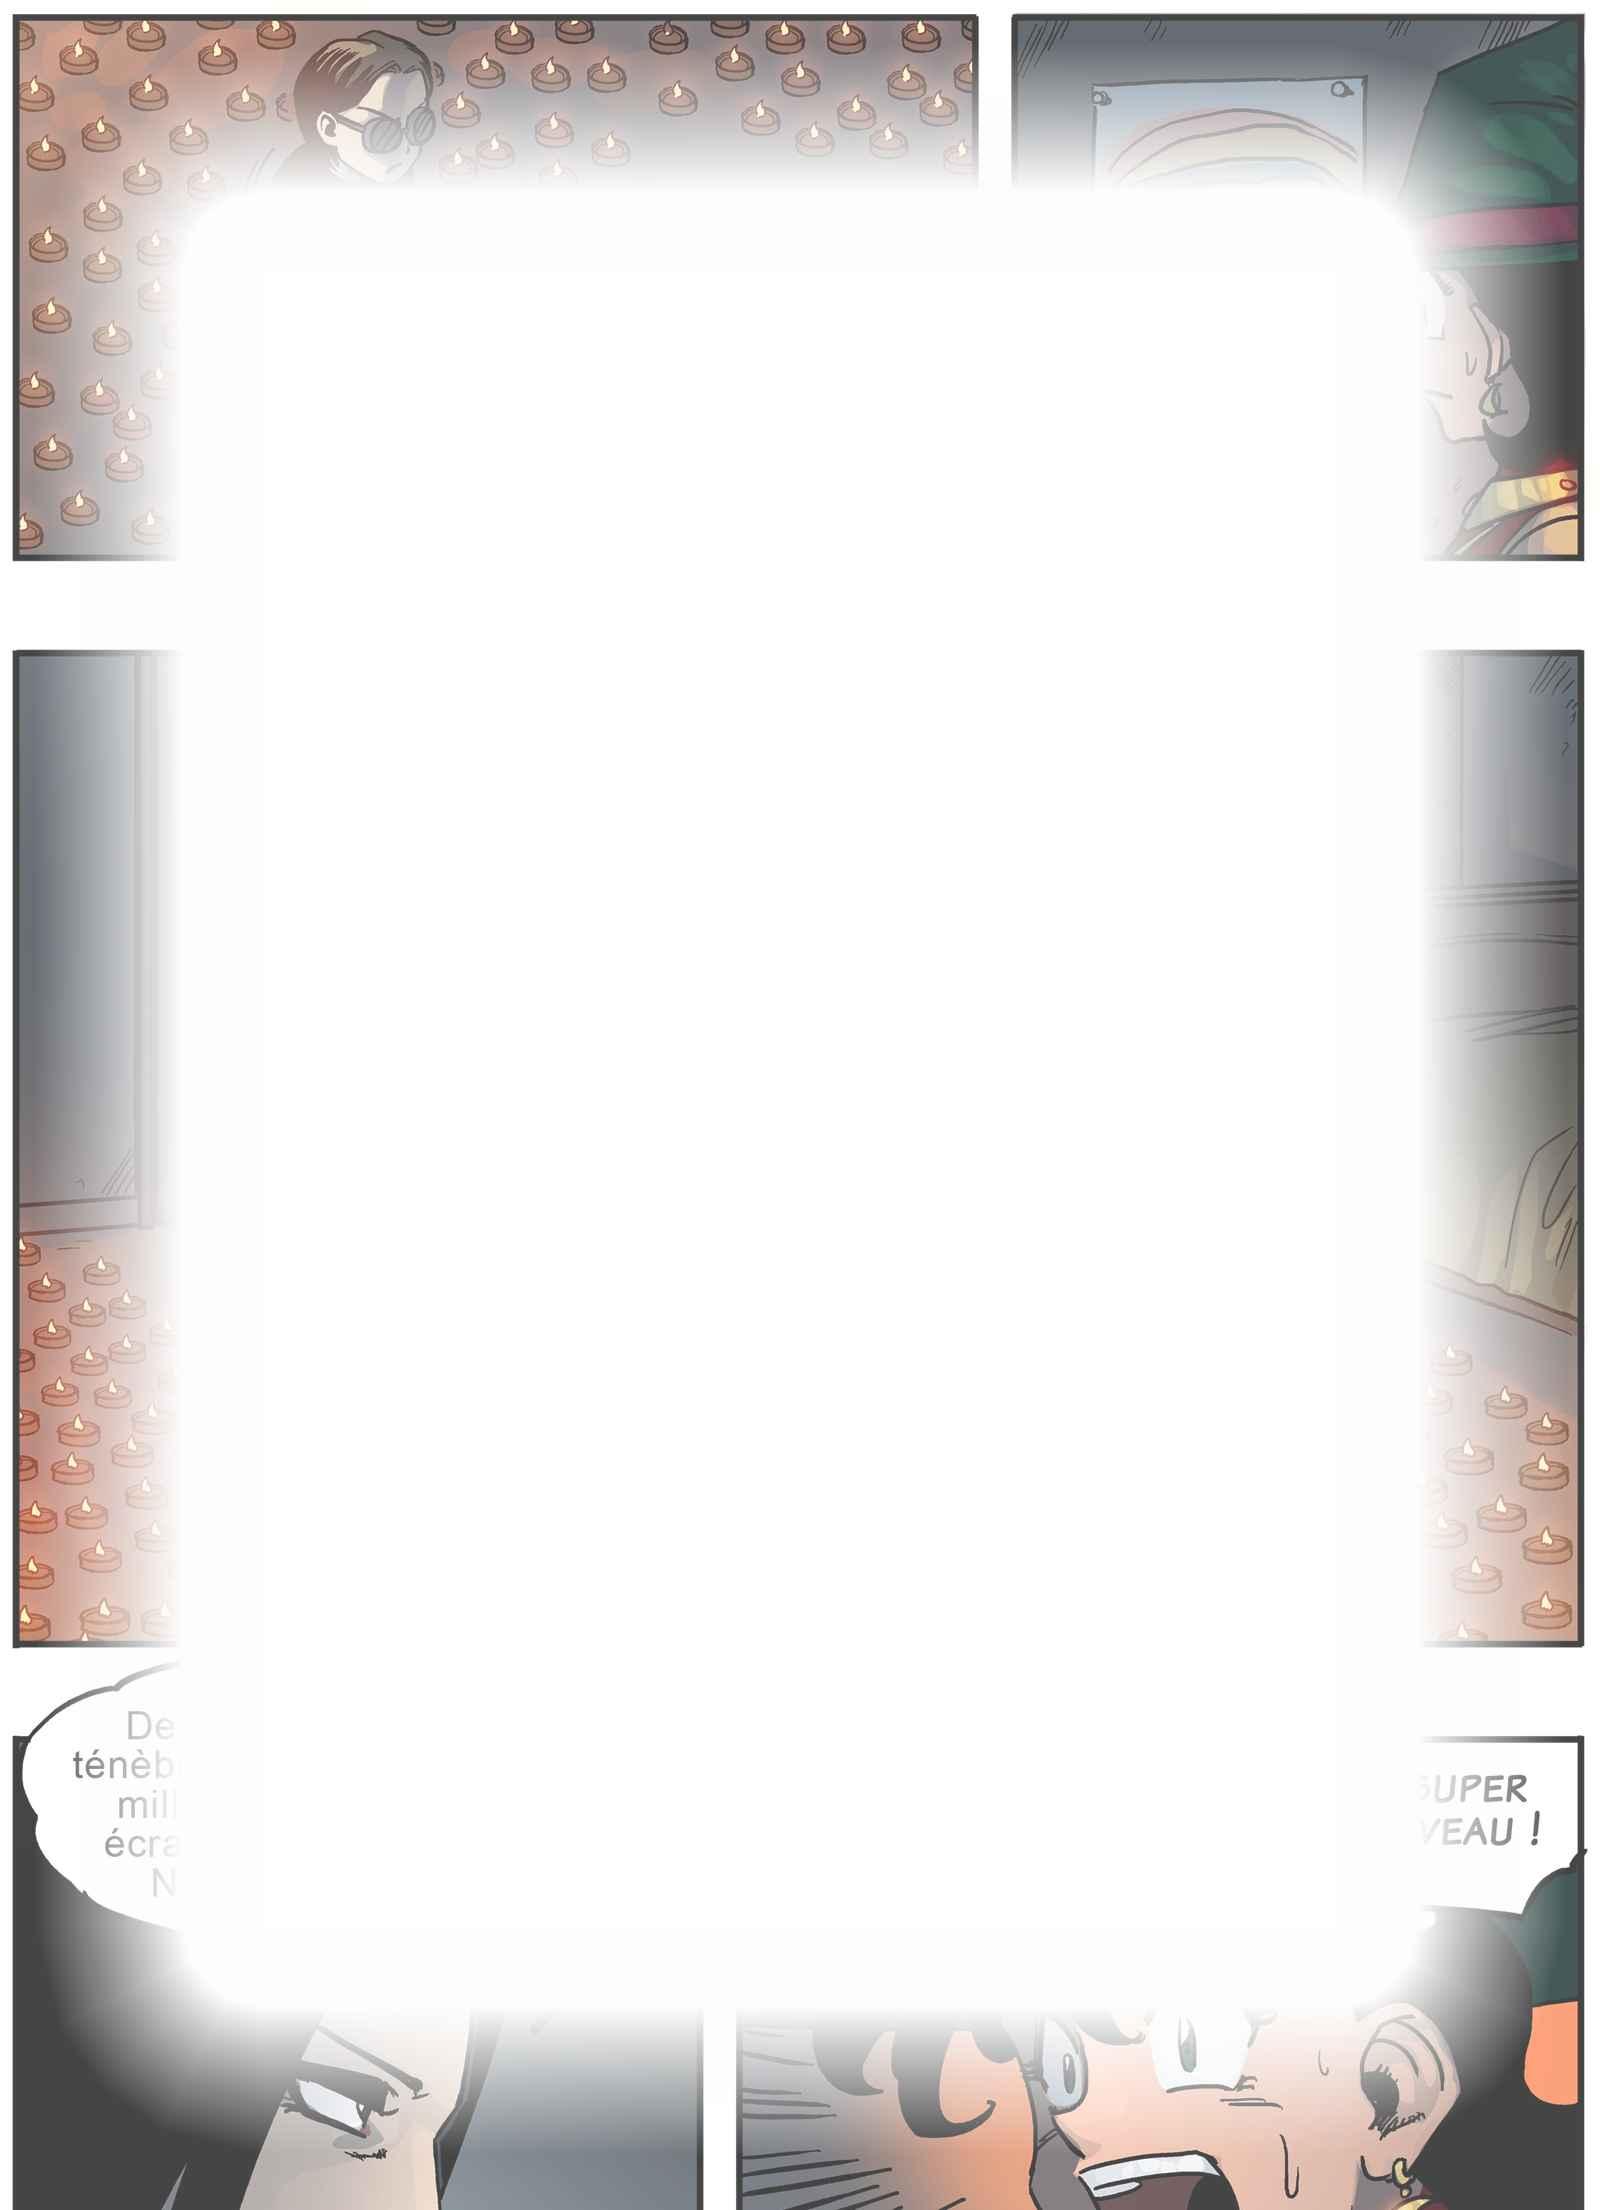 Hémisphères : Chapitre 7 page 12